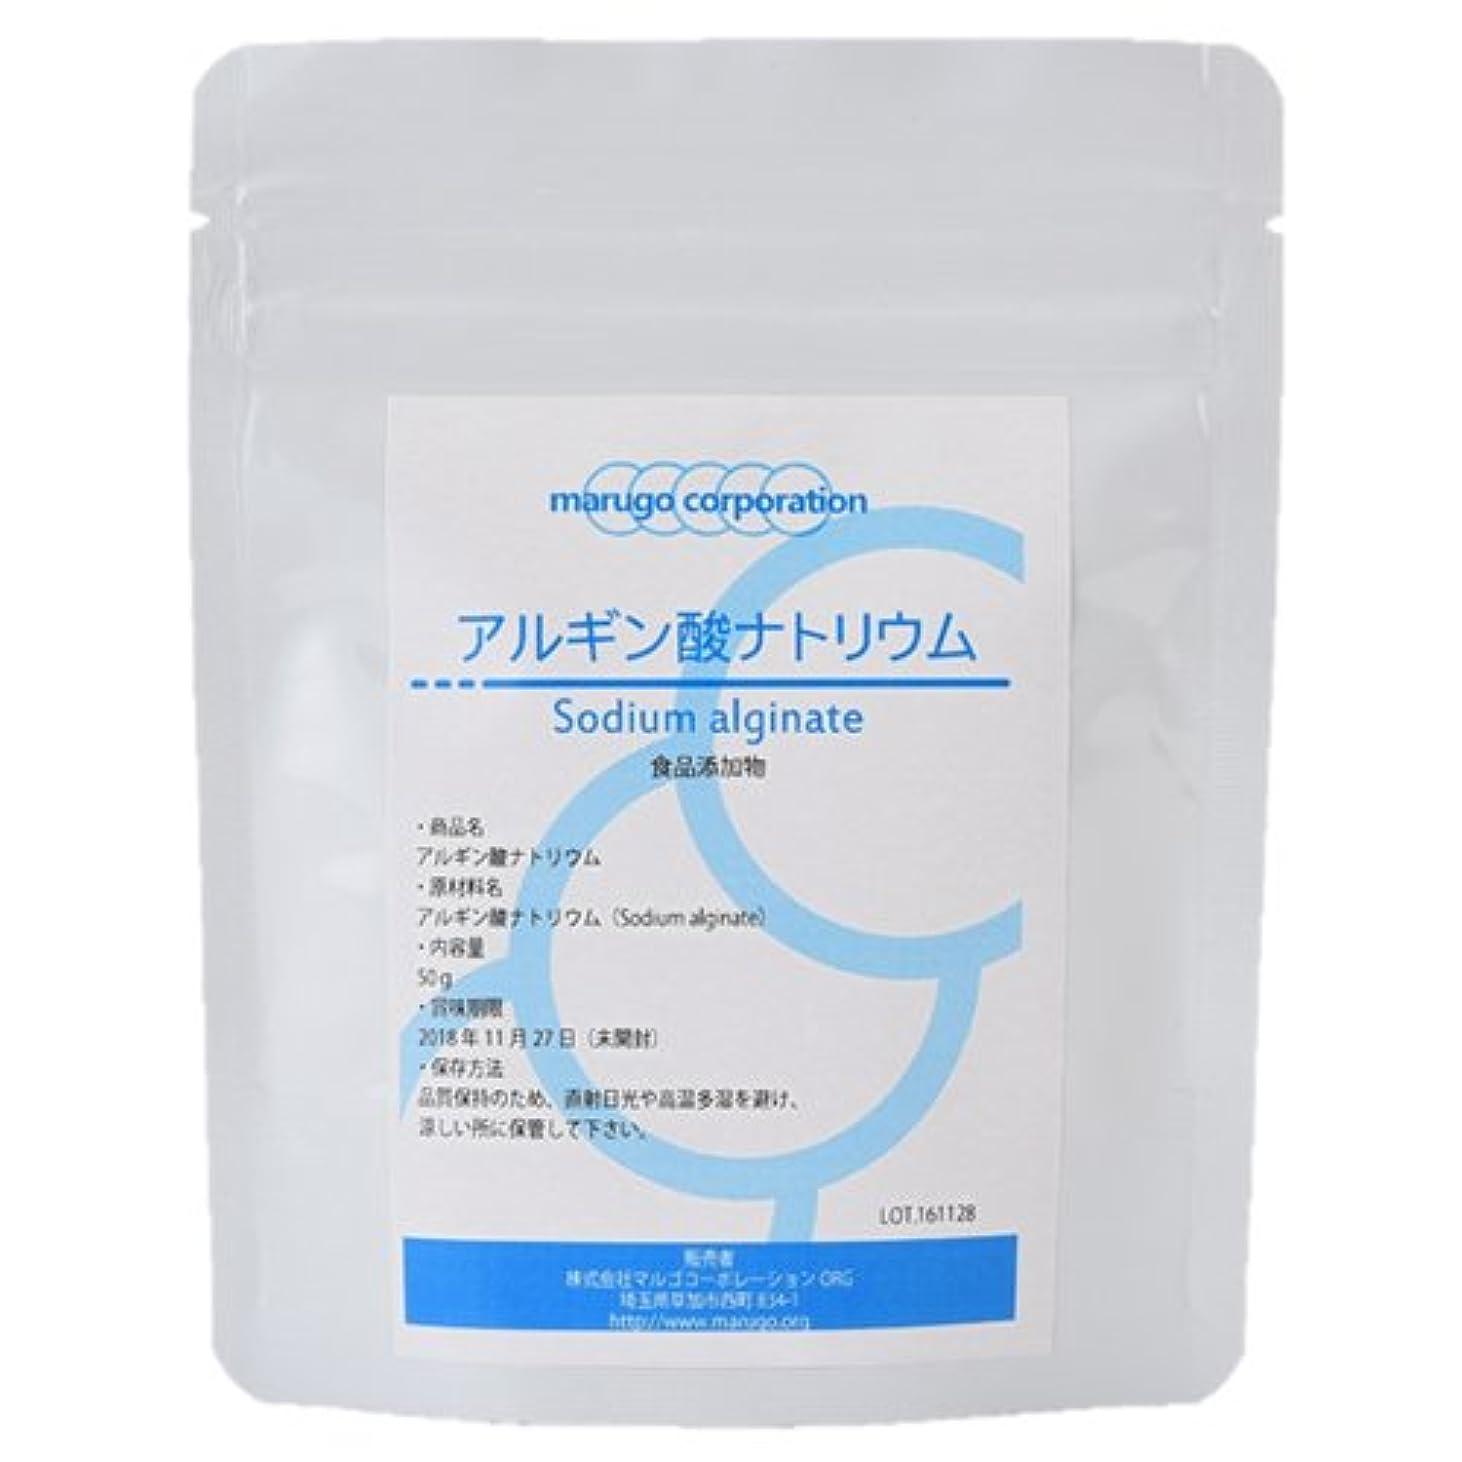 取り替える地上の安西marugo(マルゴ) アルギン酸ナトリウム 50g 人口イクラ ぷるぷる水 食品添加物グレード(食用)